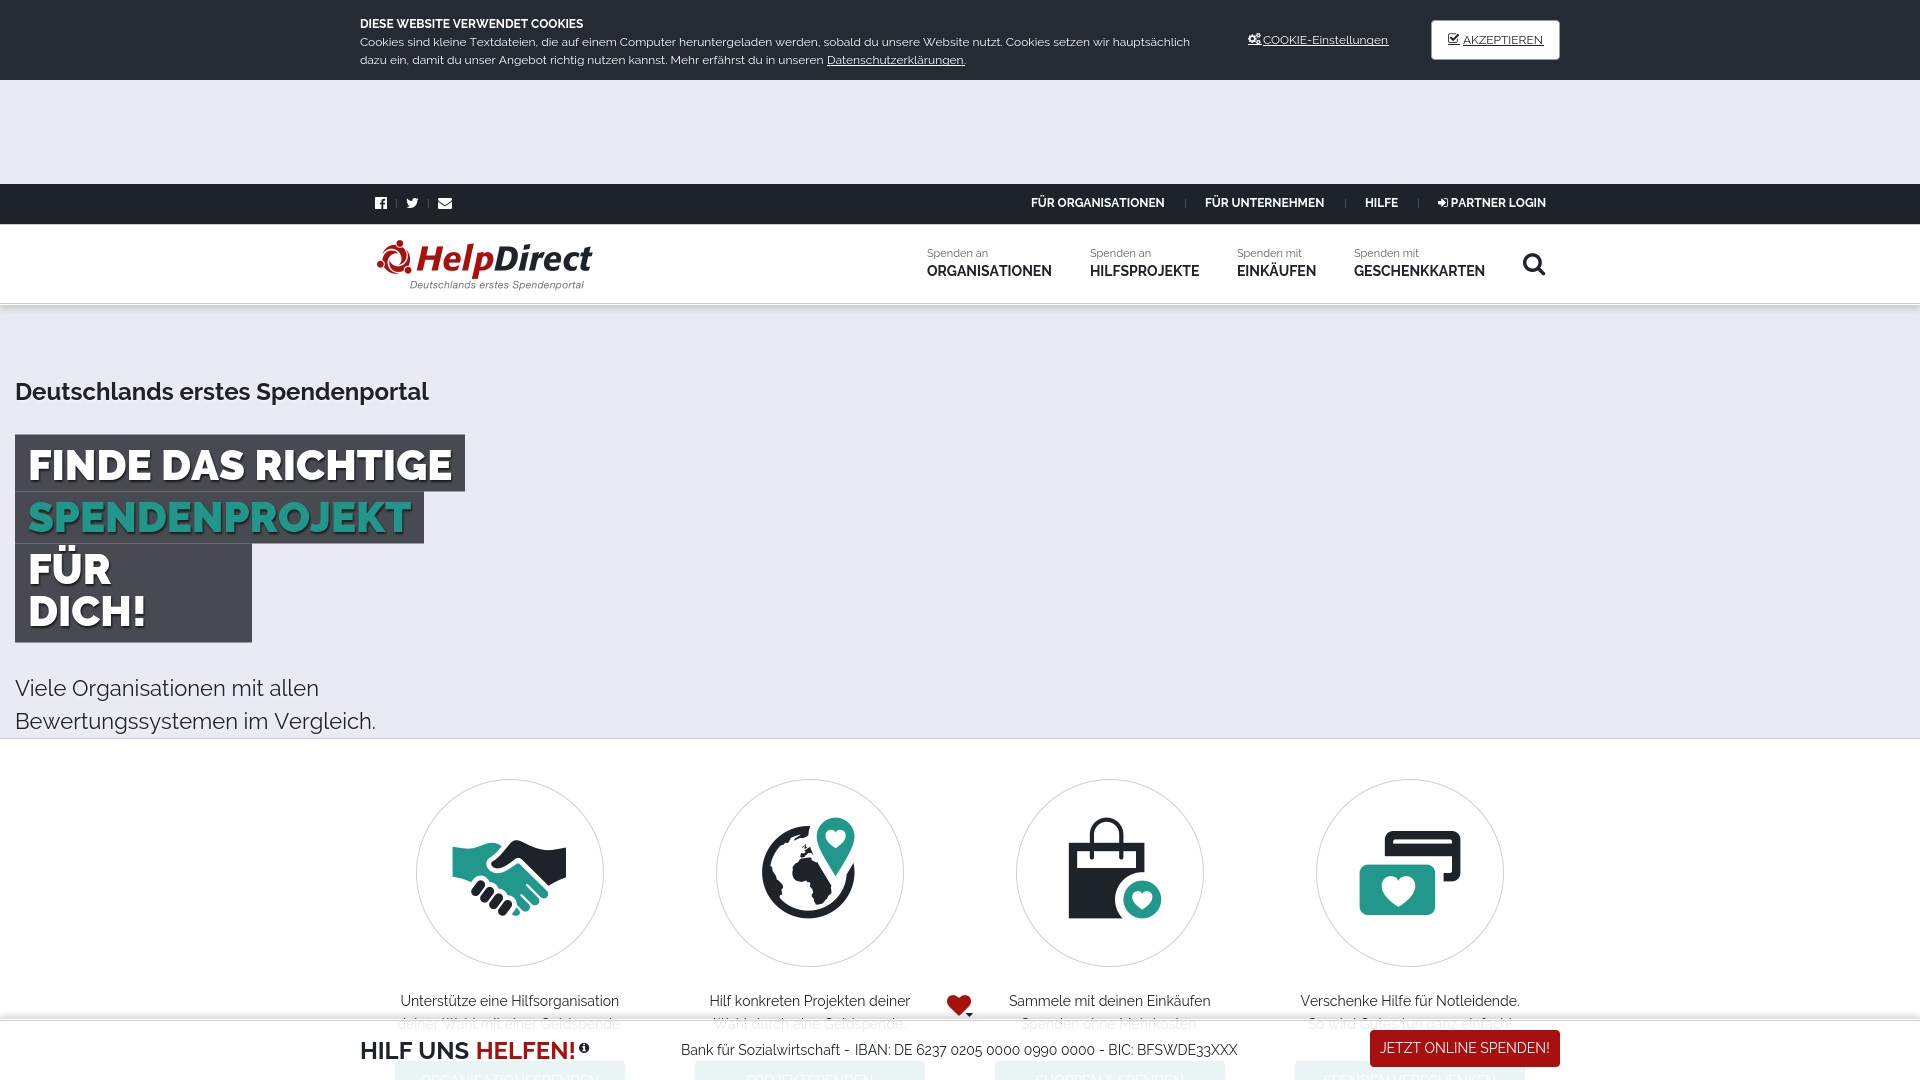 Gutschein für Helpdirect: Rabatte für  Helpdirect sichern